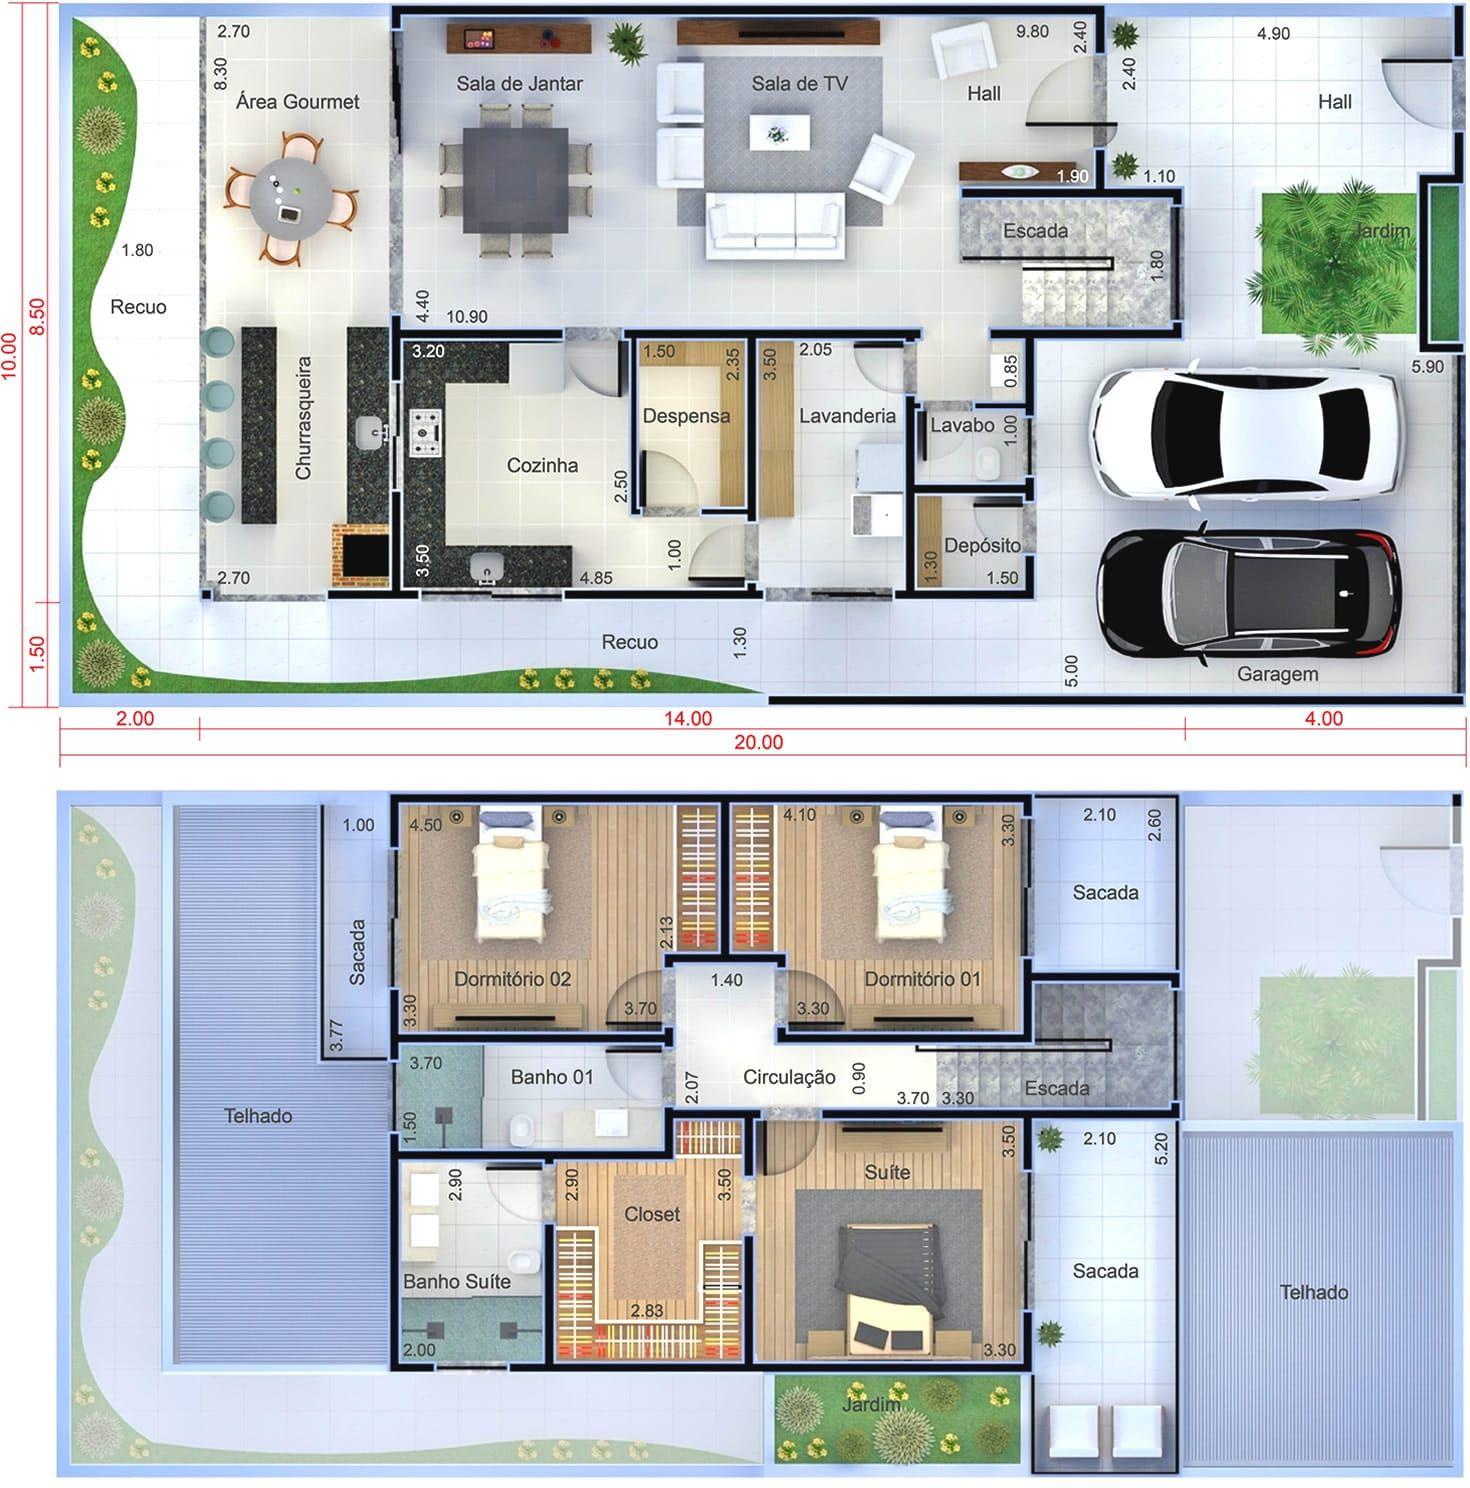 Planta de casa moderna con 3 dormitorios plano para for Planos de casas modernas